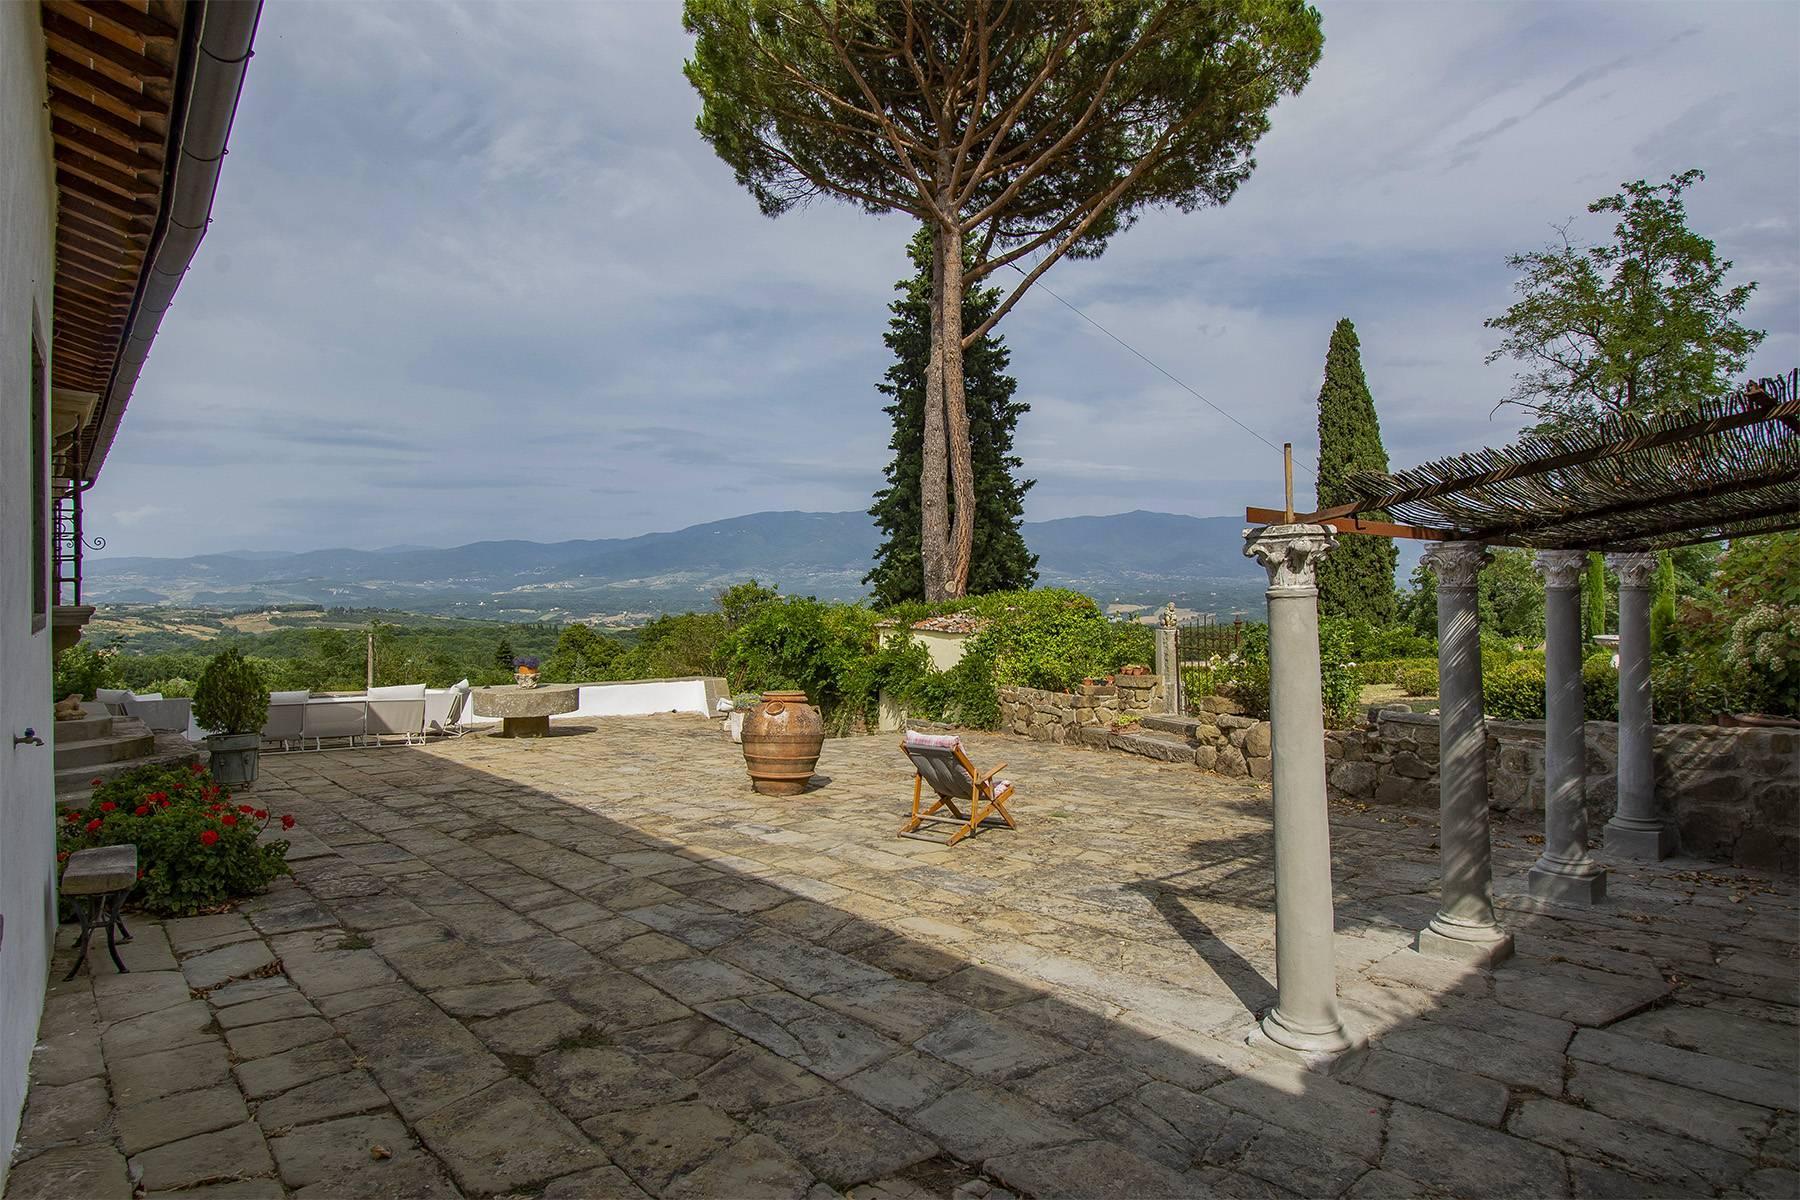 Panorama-Renaissance-Villa mit Garten im italienischen Stil - 3